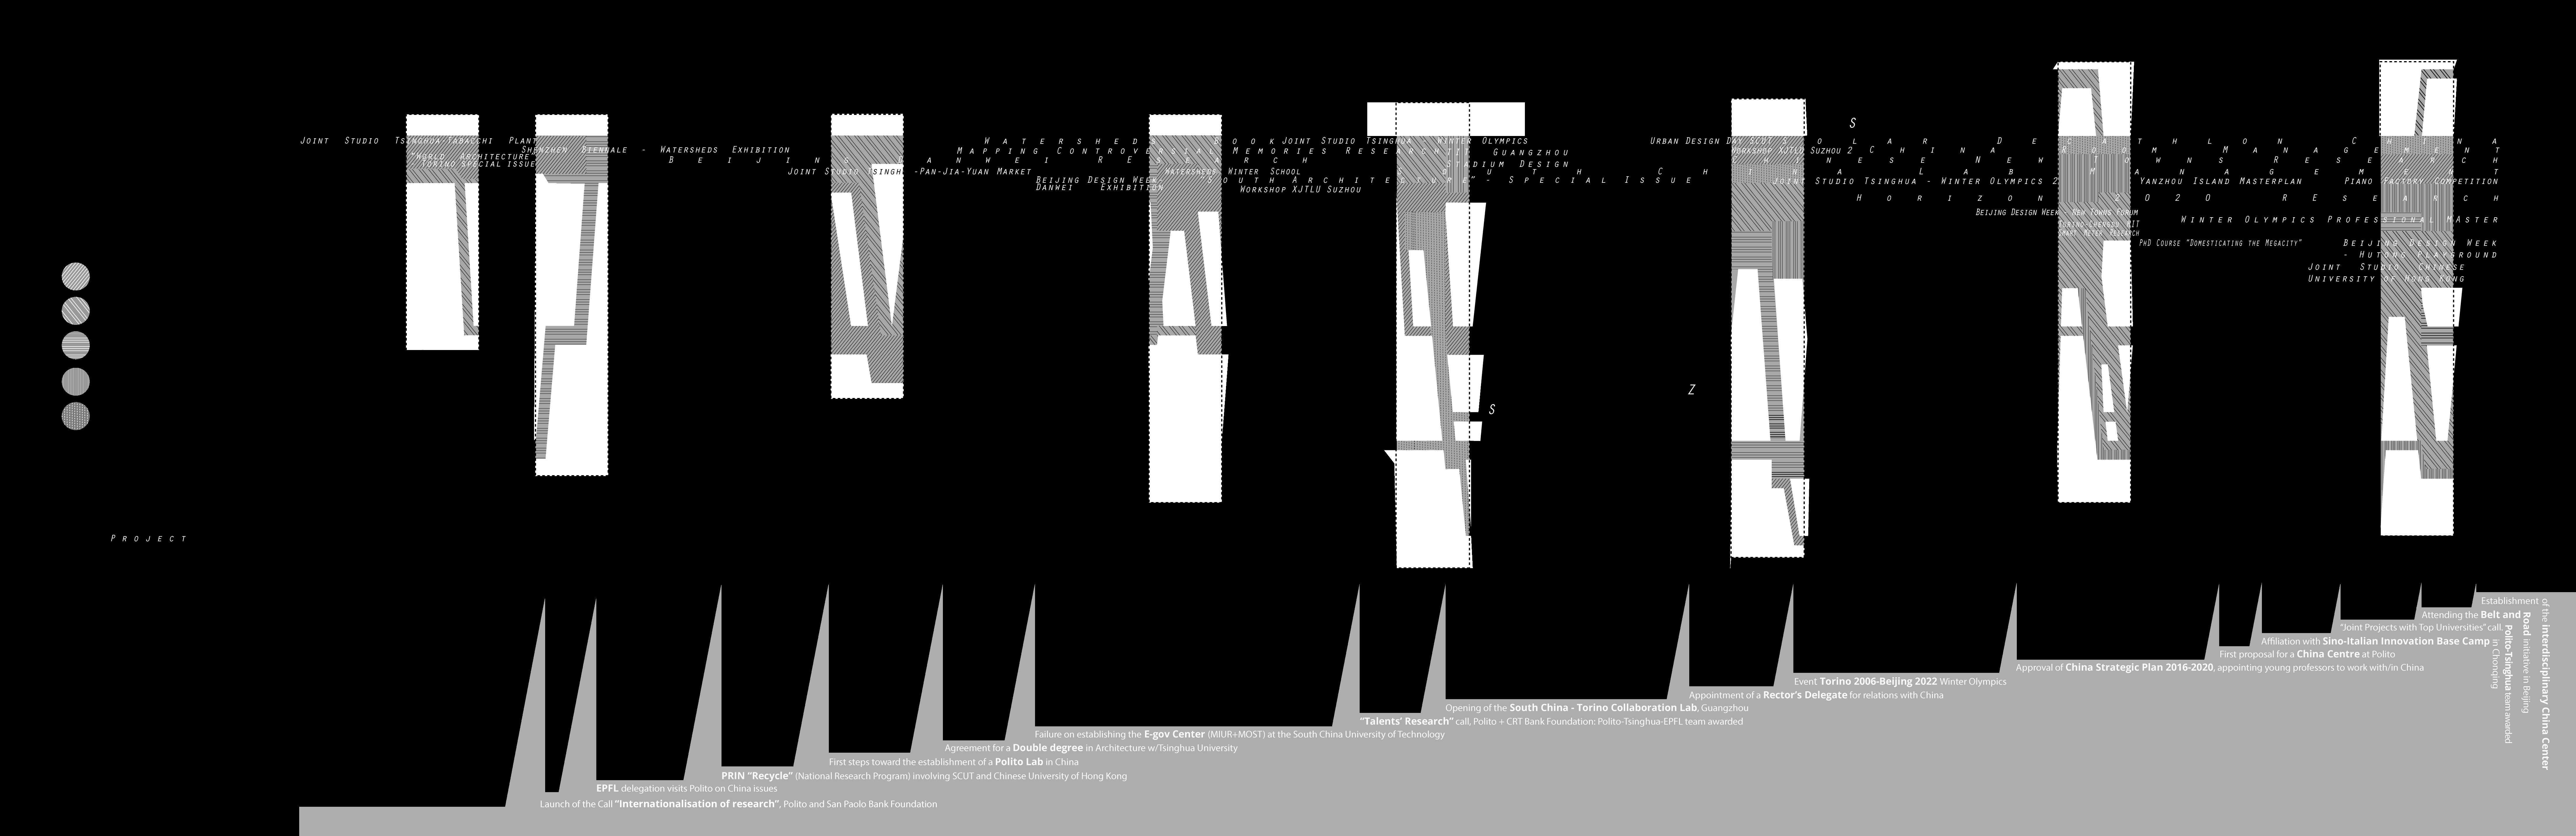 diagramma per saracco-04